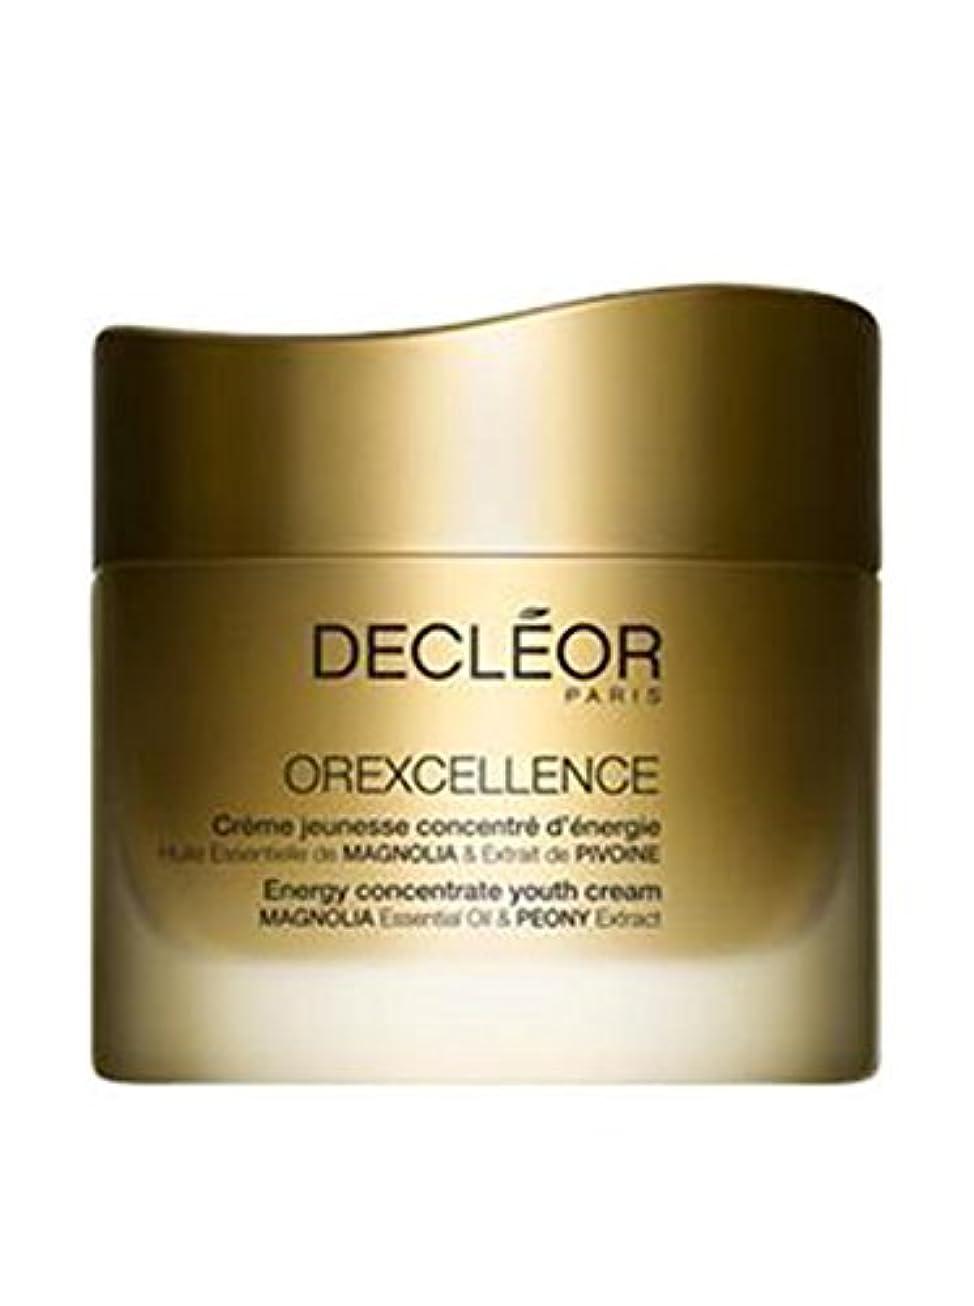 閲覧する混雑ペルセウスデクレオール Orexcellence Energy Concentrate Youth Cream 50ml/1.7oz並行輸入品